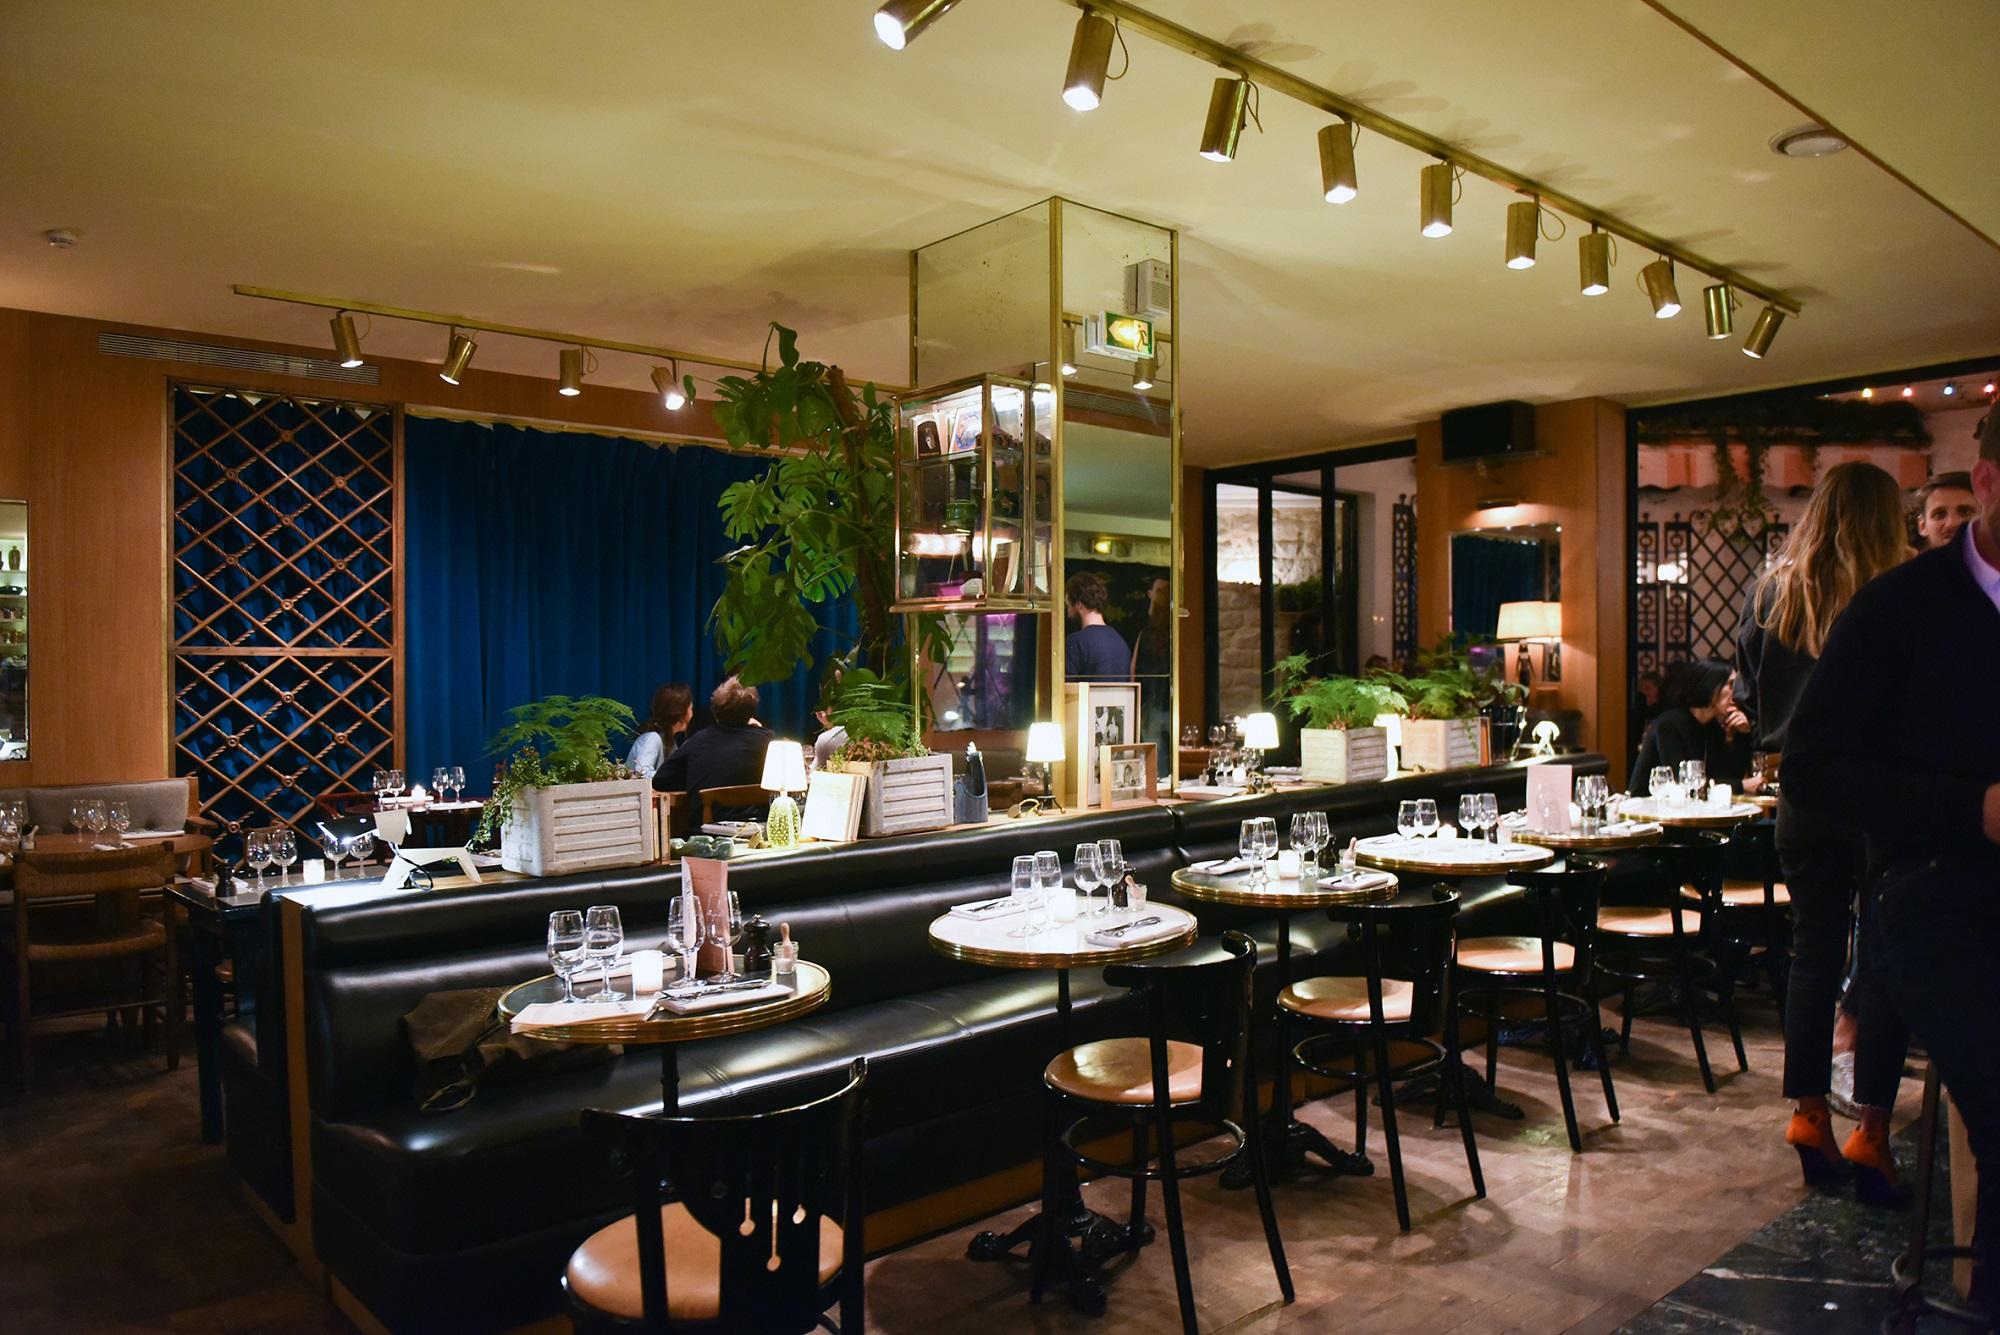 Restaurant gastronomique le grand amour paris capitale - Hotel grand amour paris ...